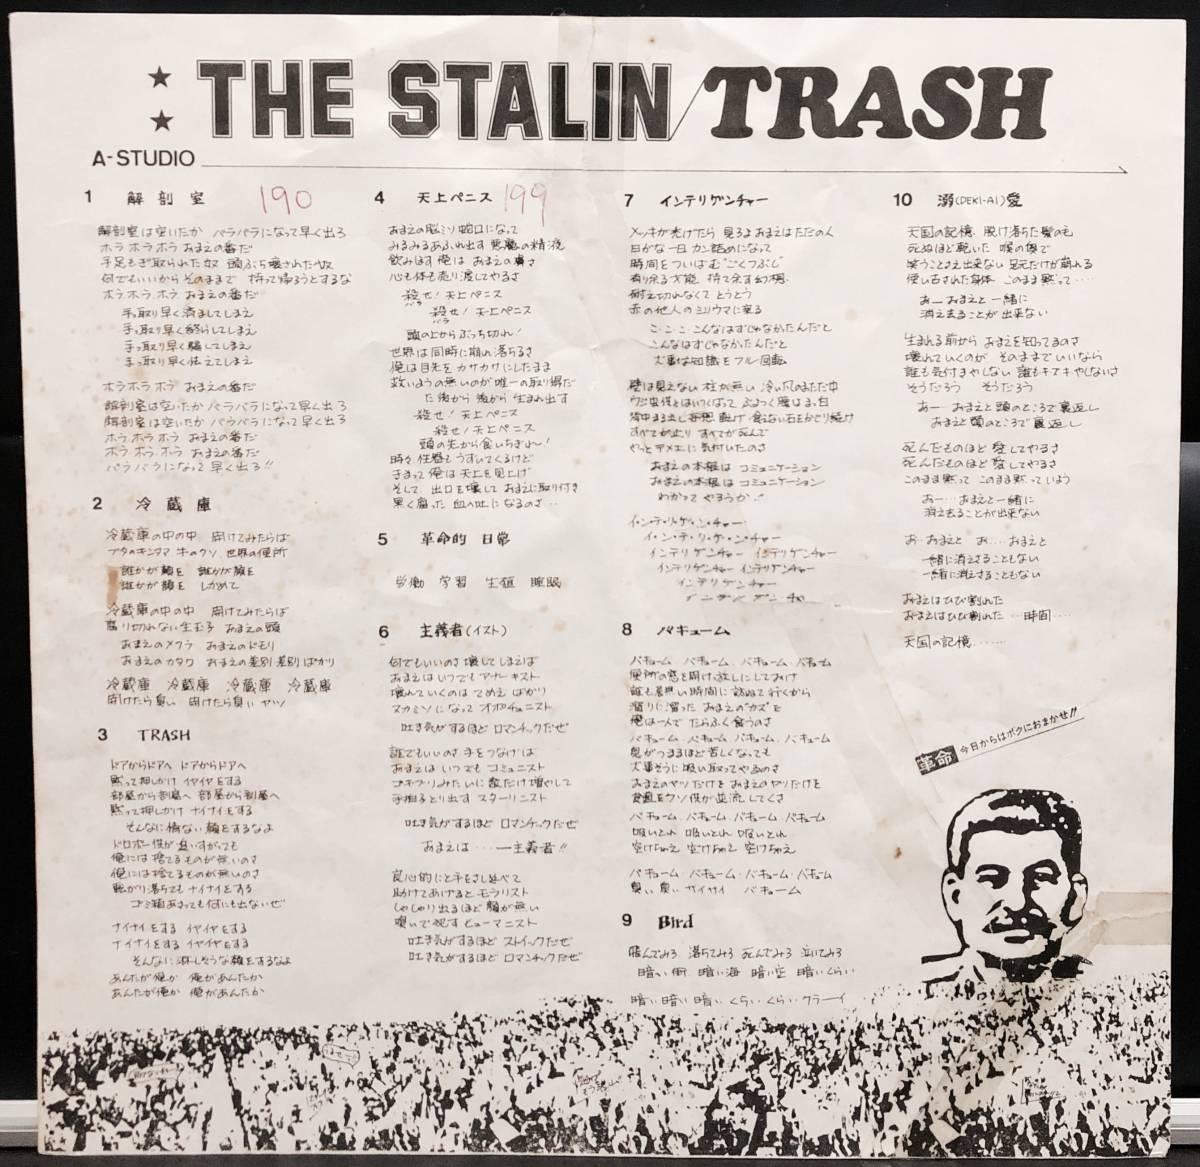 THE STALIN Trash 1981年オリジナル盤 遠藤ミチロウ 宮西計三_画像6